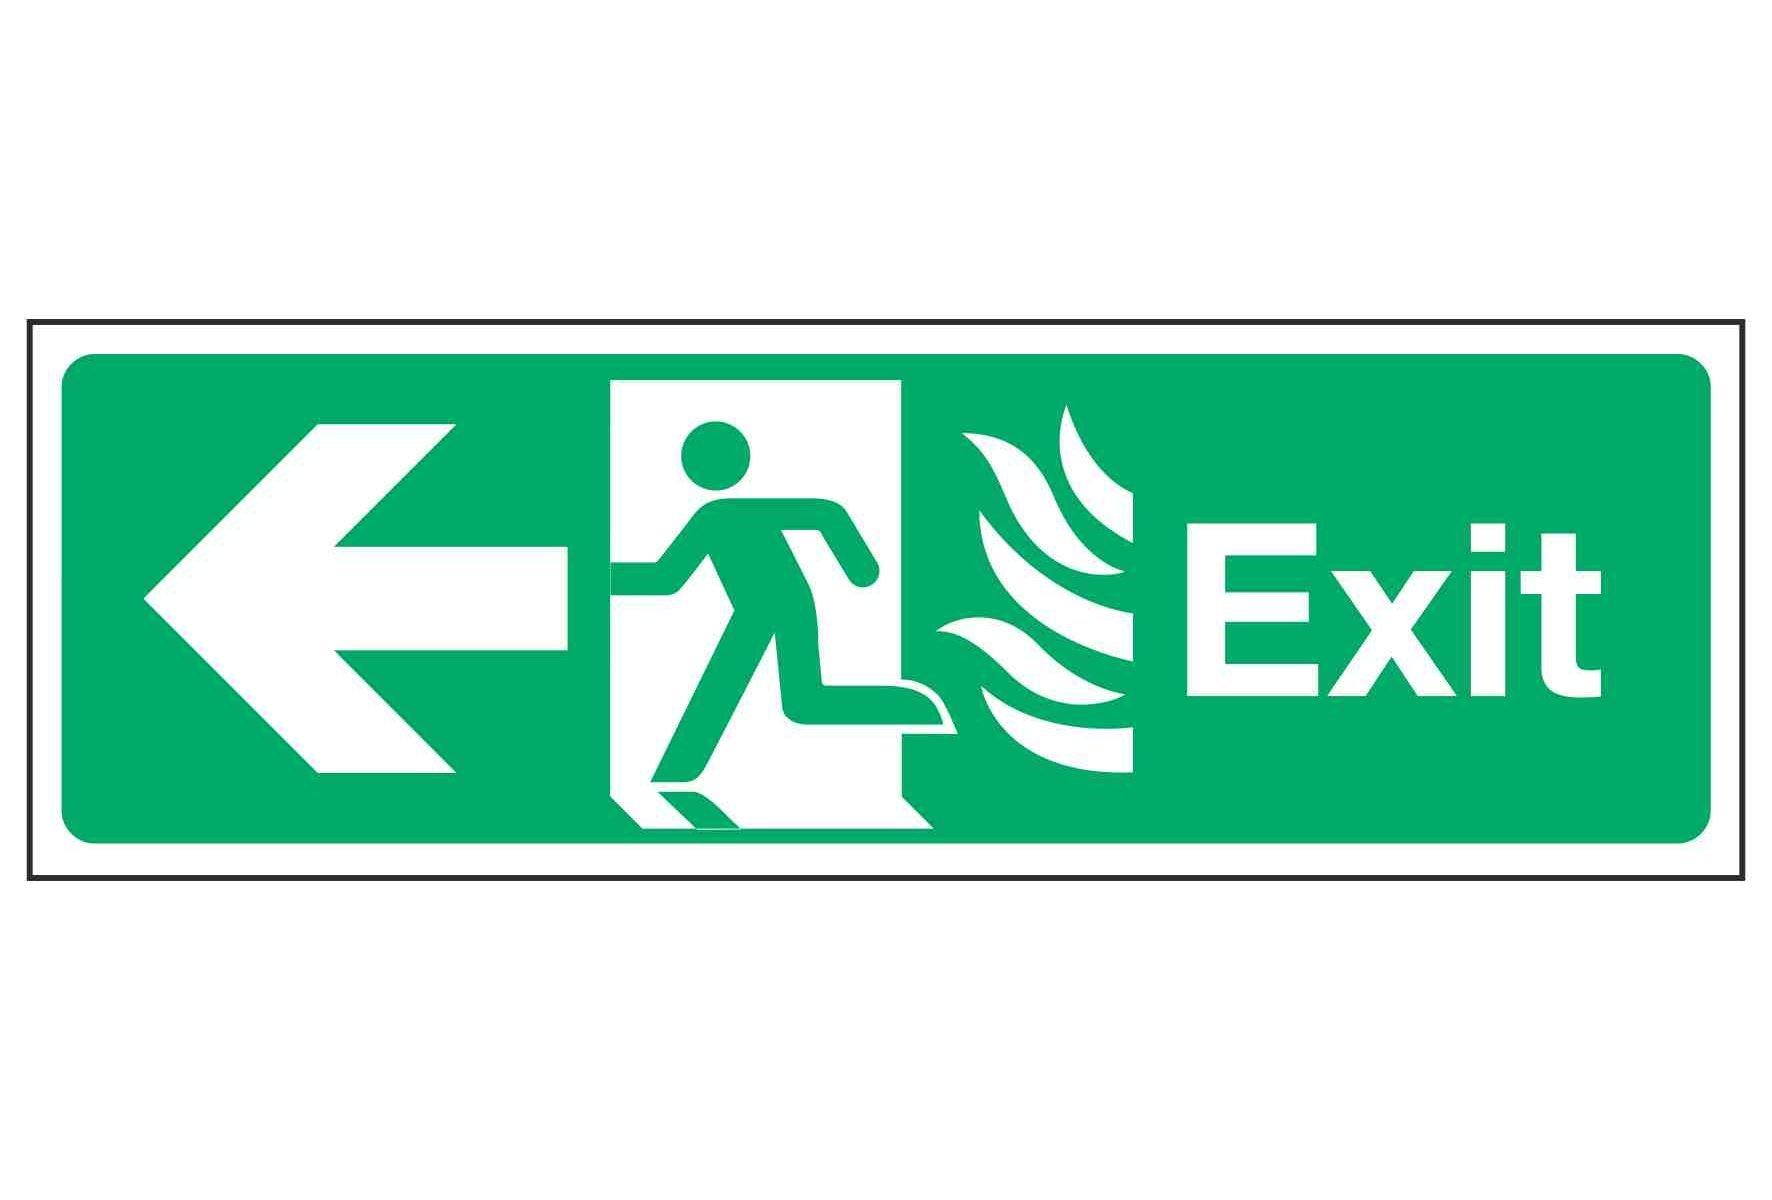 Exit / Arrow Left - NHS